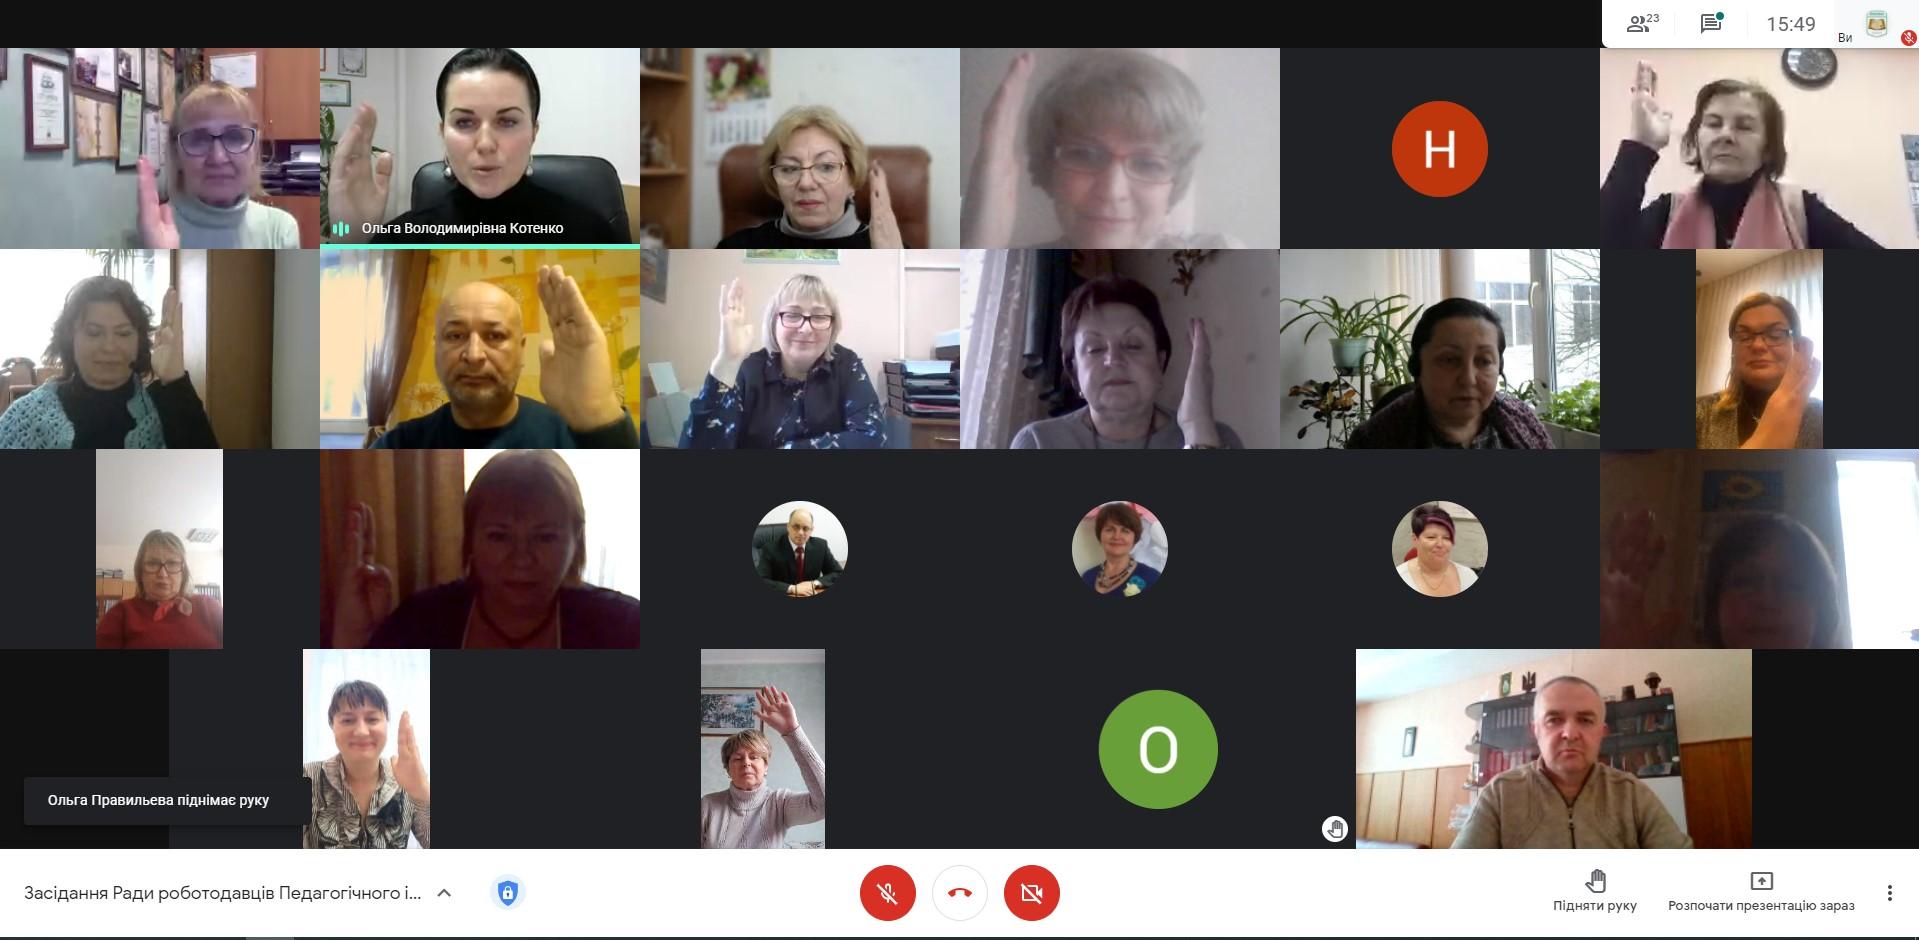 Засідання Ради роботодавців Педагогічного інституту